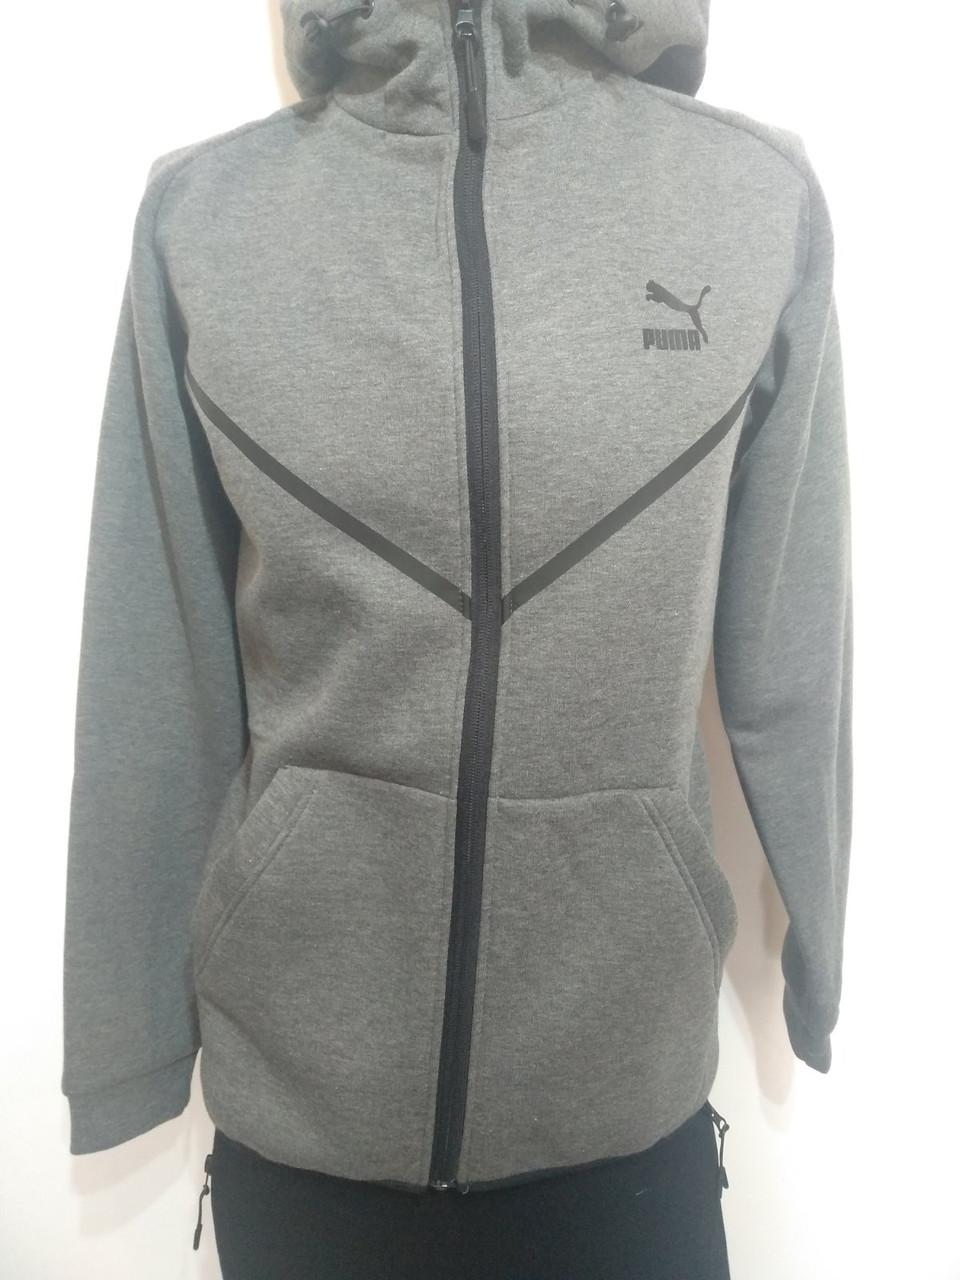 Мужской теплый спортивный костюм в стиле  Puma серый р. M, XL